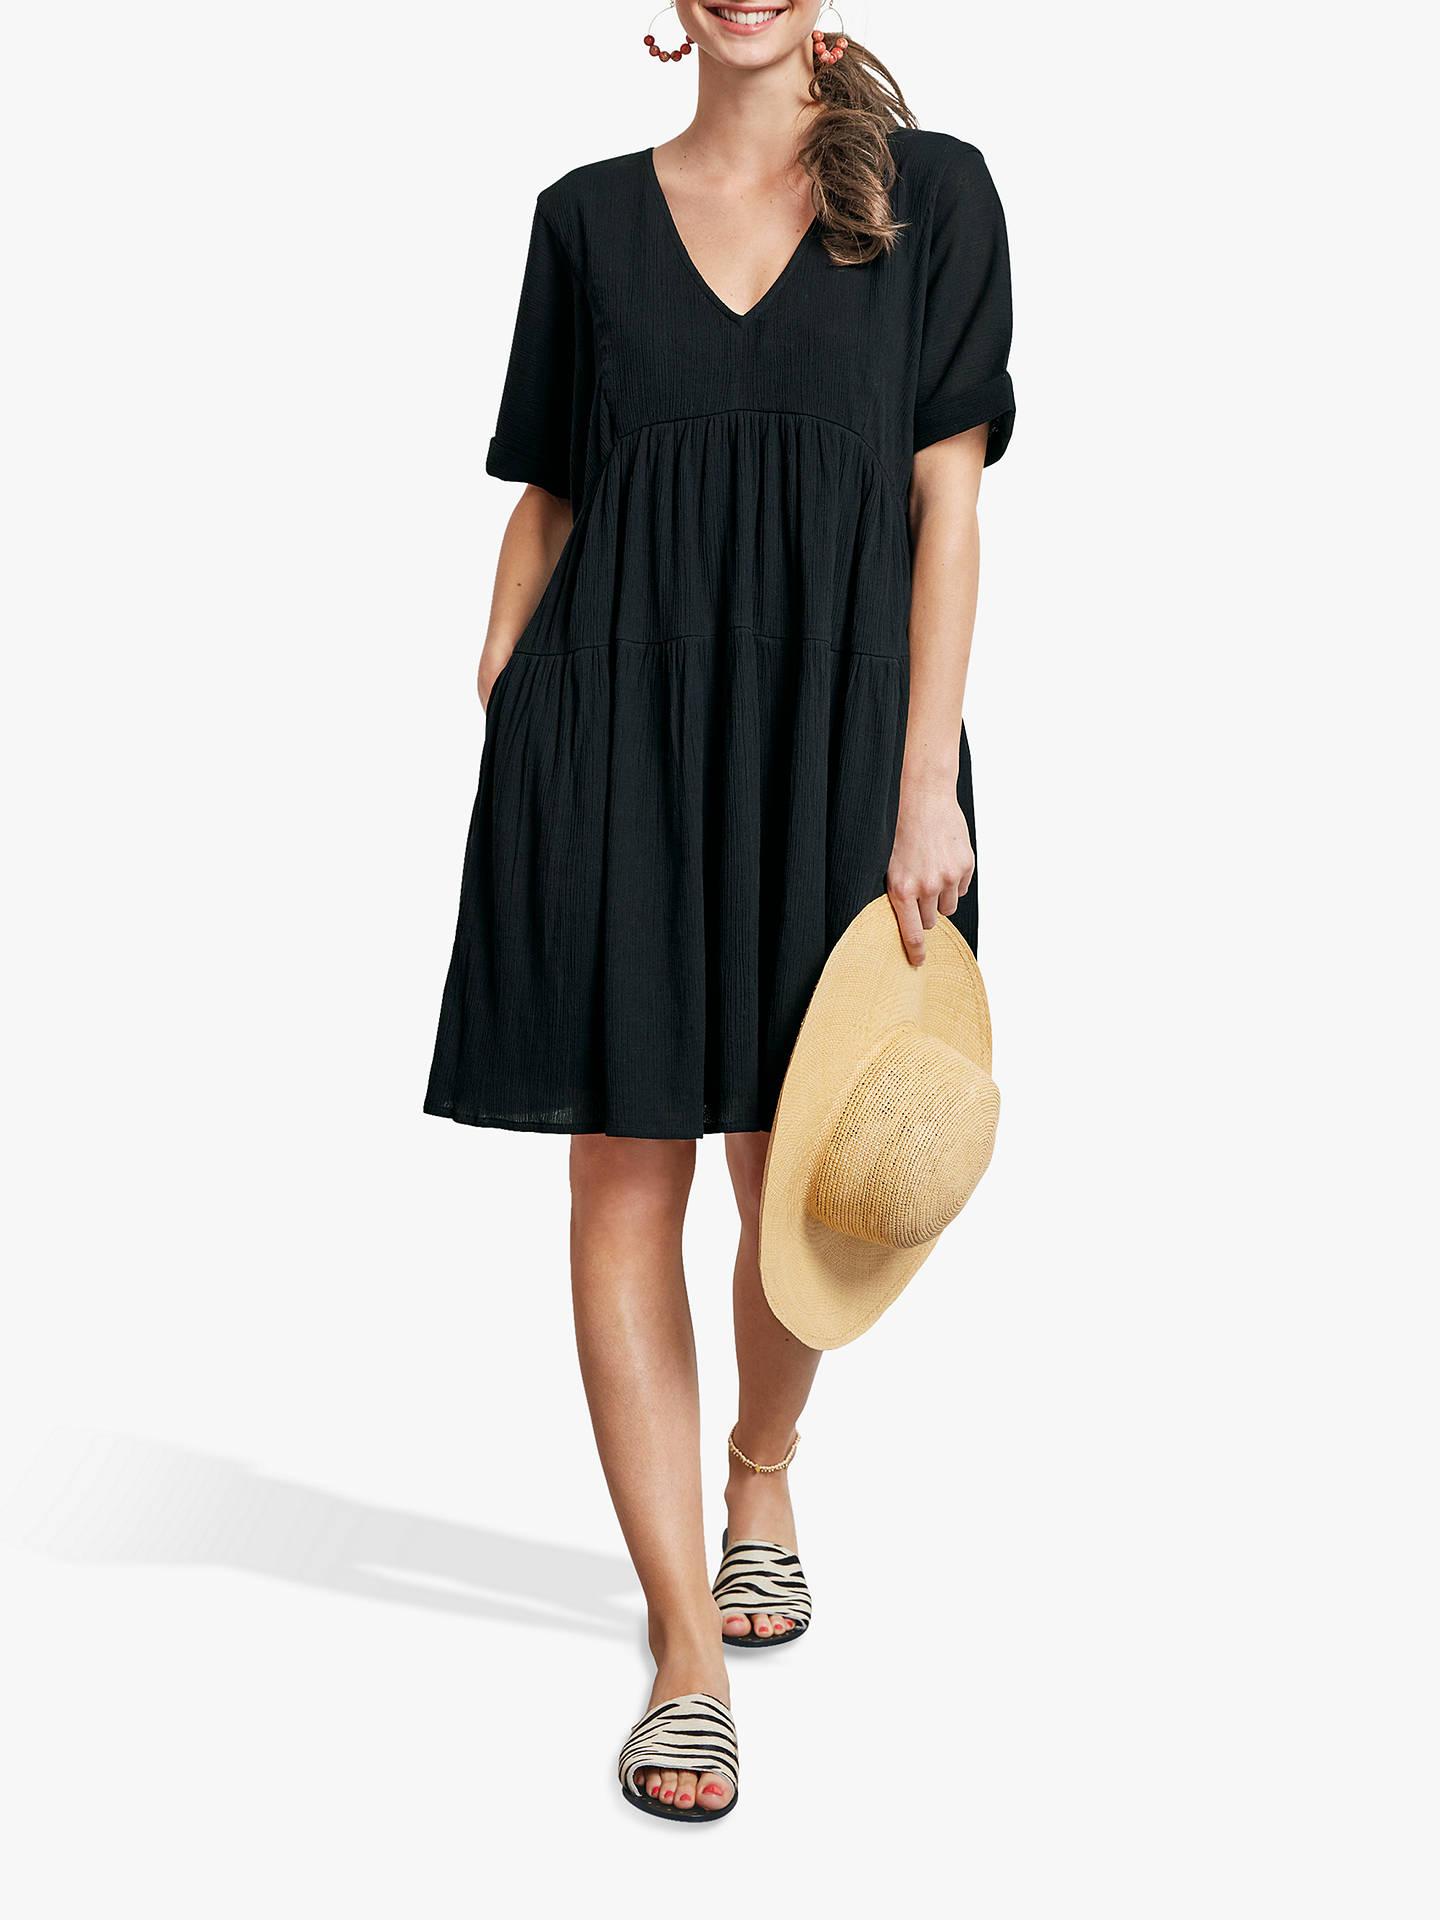 a0e15f61de97 Buy hush Kyra Cotton Dress, Black, 6 Online at johnlewis.com ...